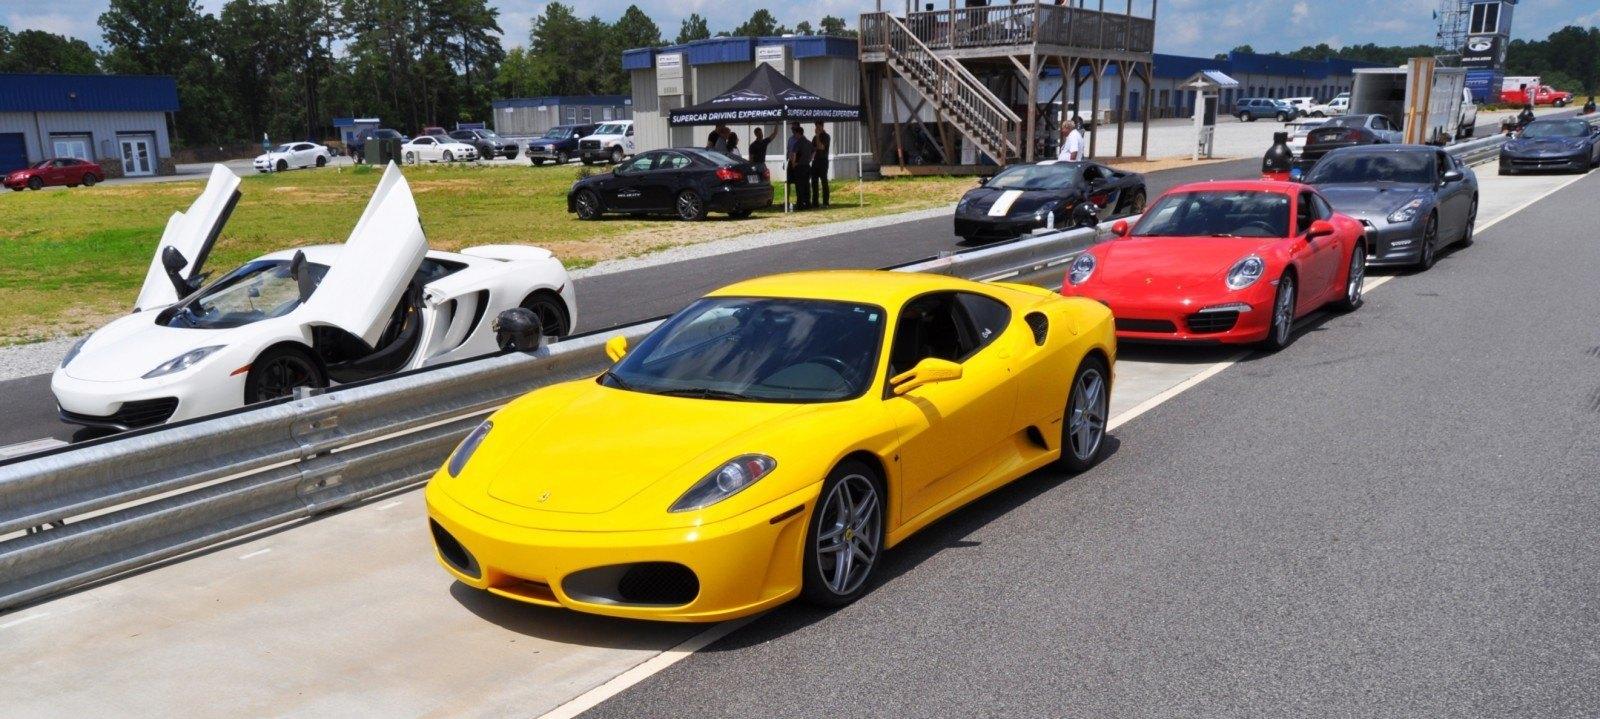 Beating the Supercar Paradox - 2007 Ferrari F430 at Velocity Motorsports Supercar Track Drive 29